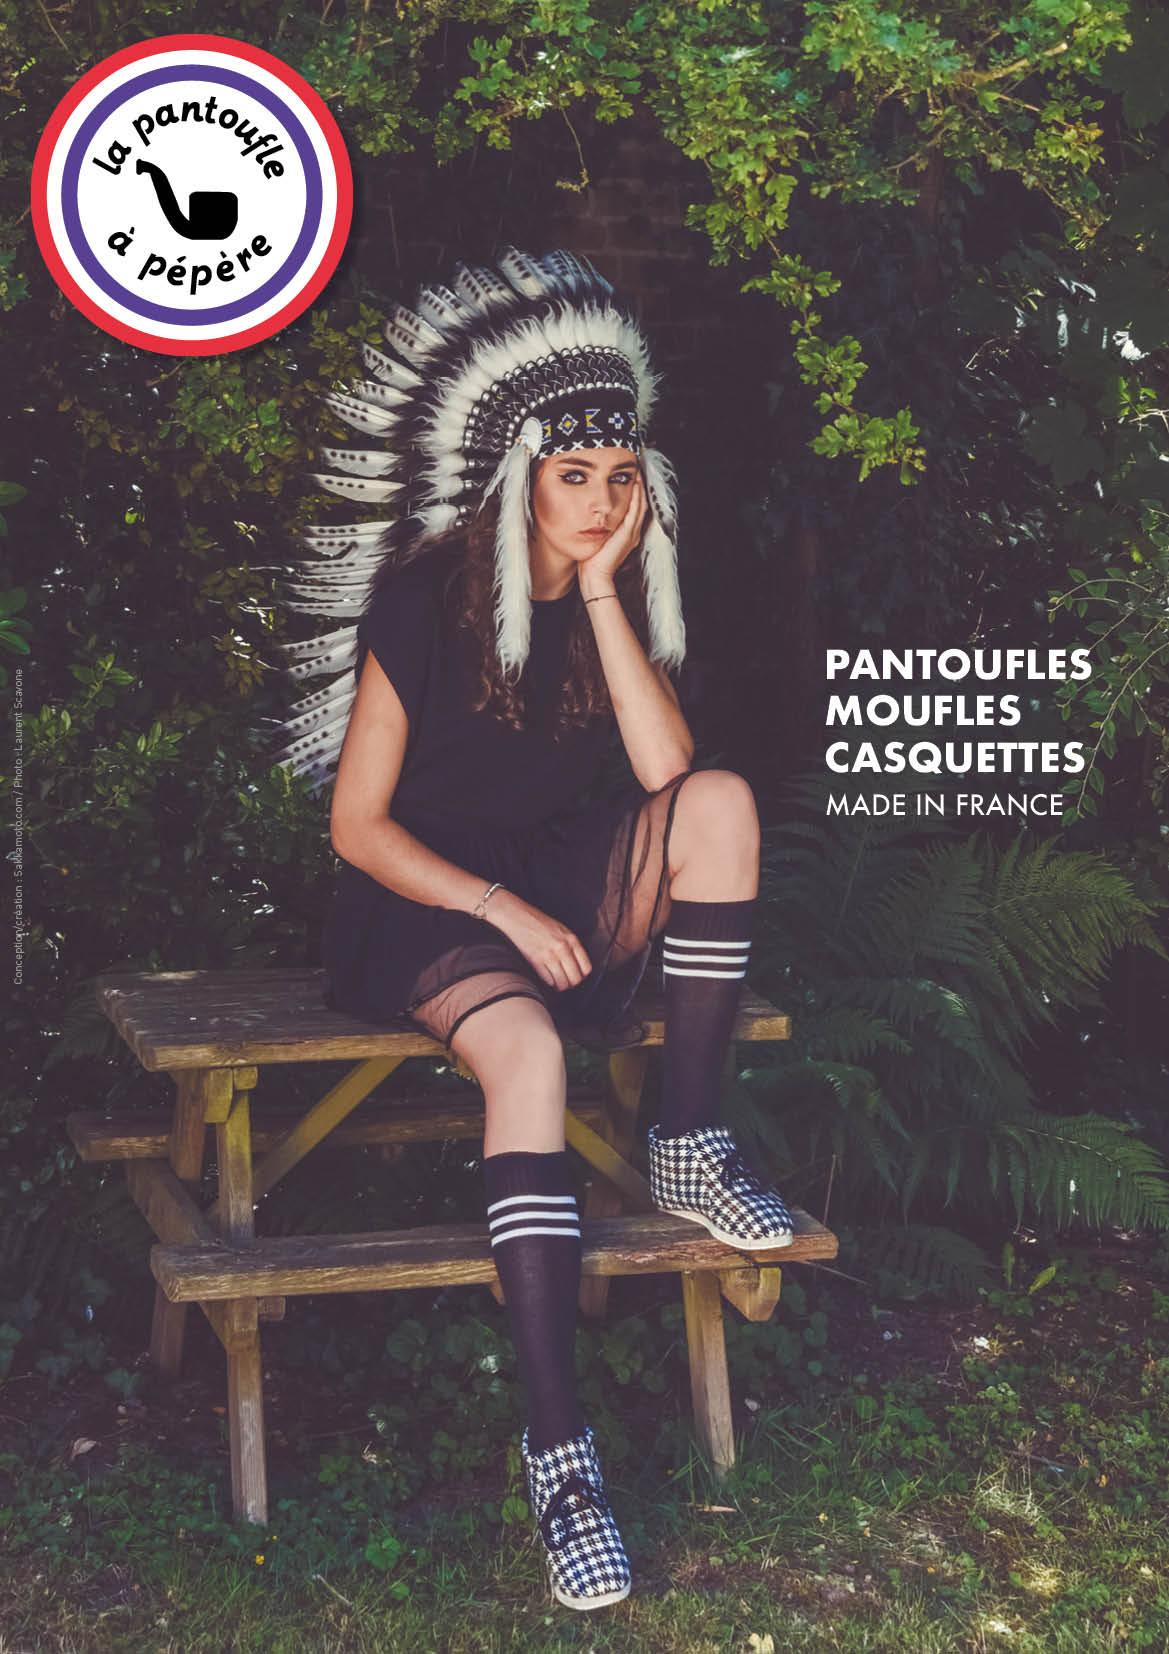 Campagne La Pantoufle à pépère par sakkamoto / DA et Photos Laurent Scavone